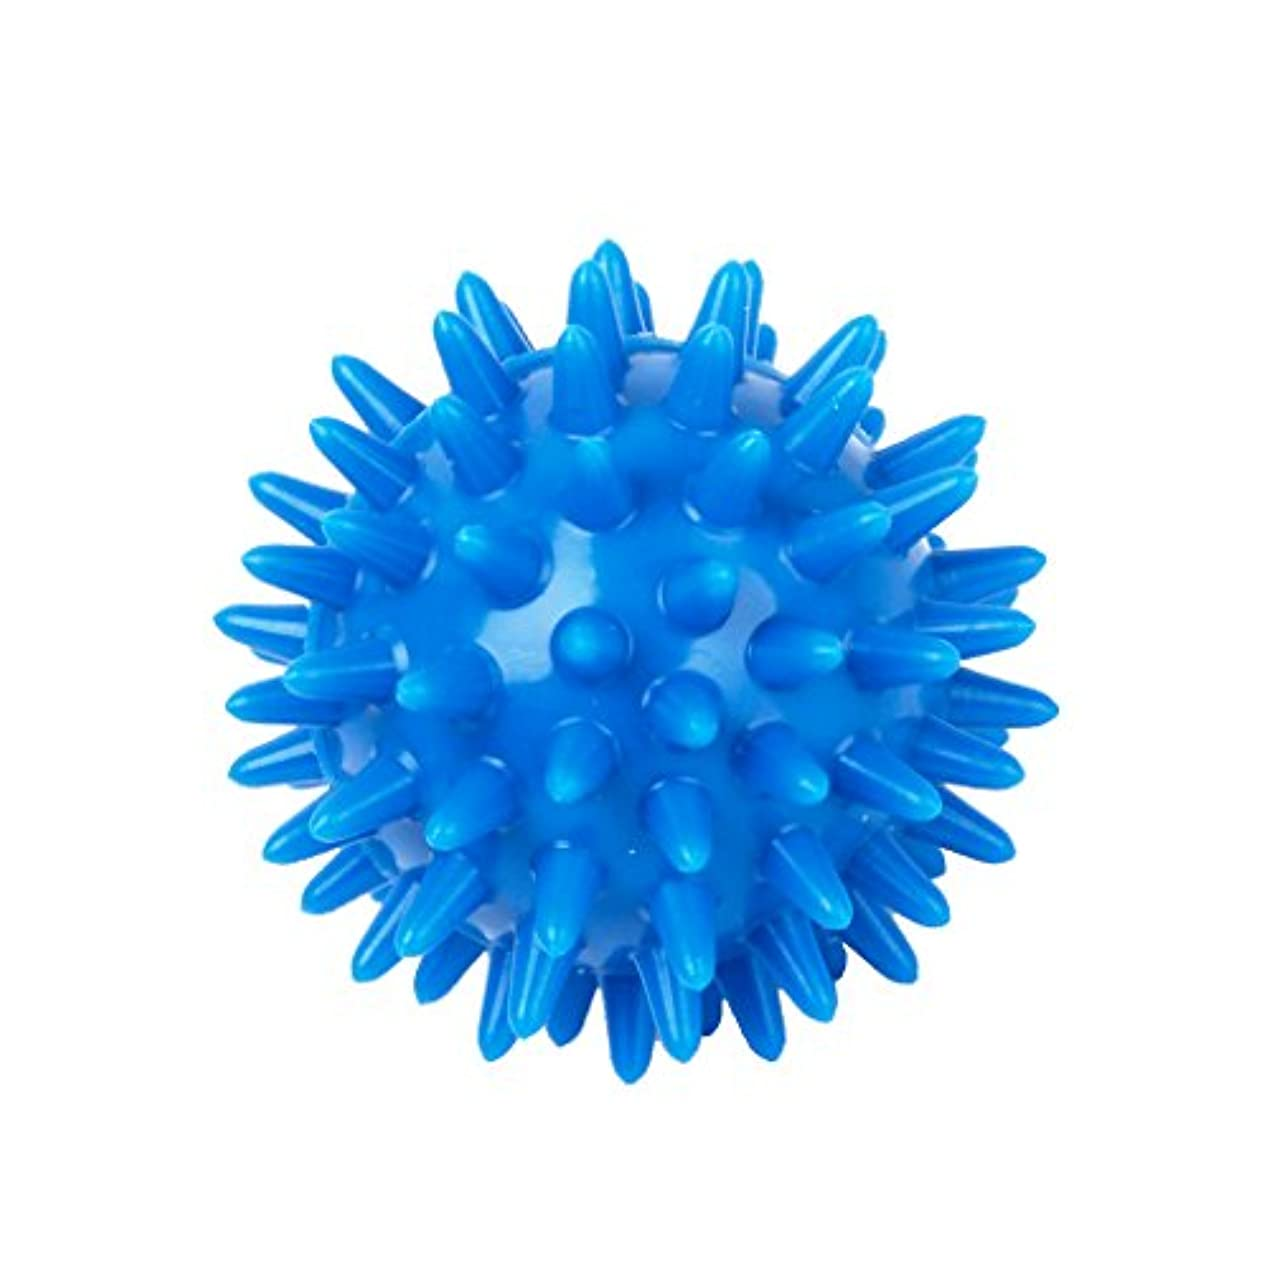 支店エイリアンマイクロフォンPerfk PVC製 足用マッサージボール マッサージボール 筋肉 緊張和らげ  血液循環促進 5.5cm